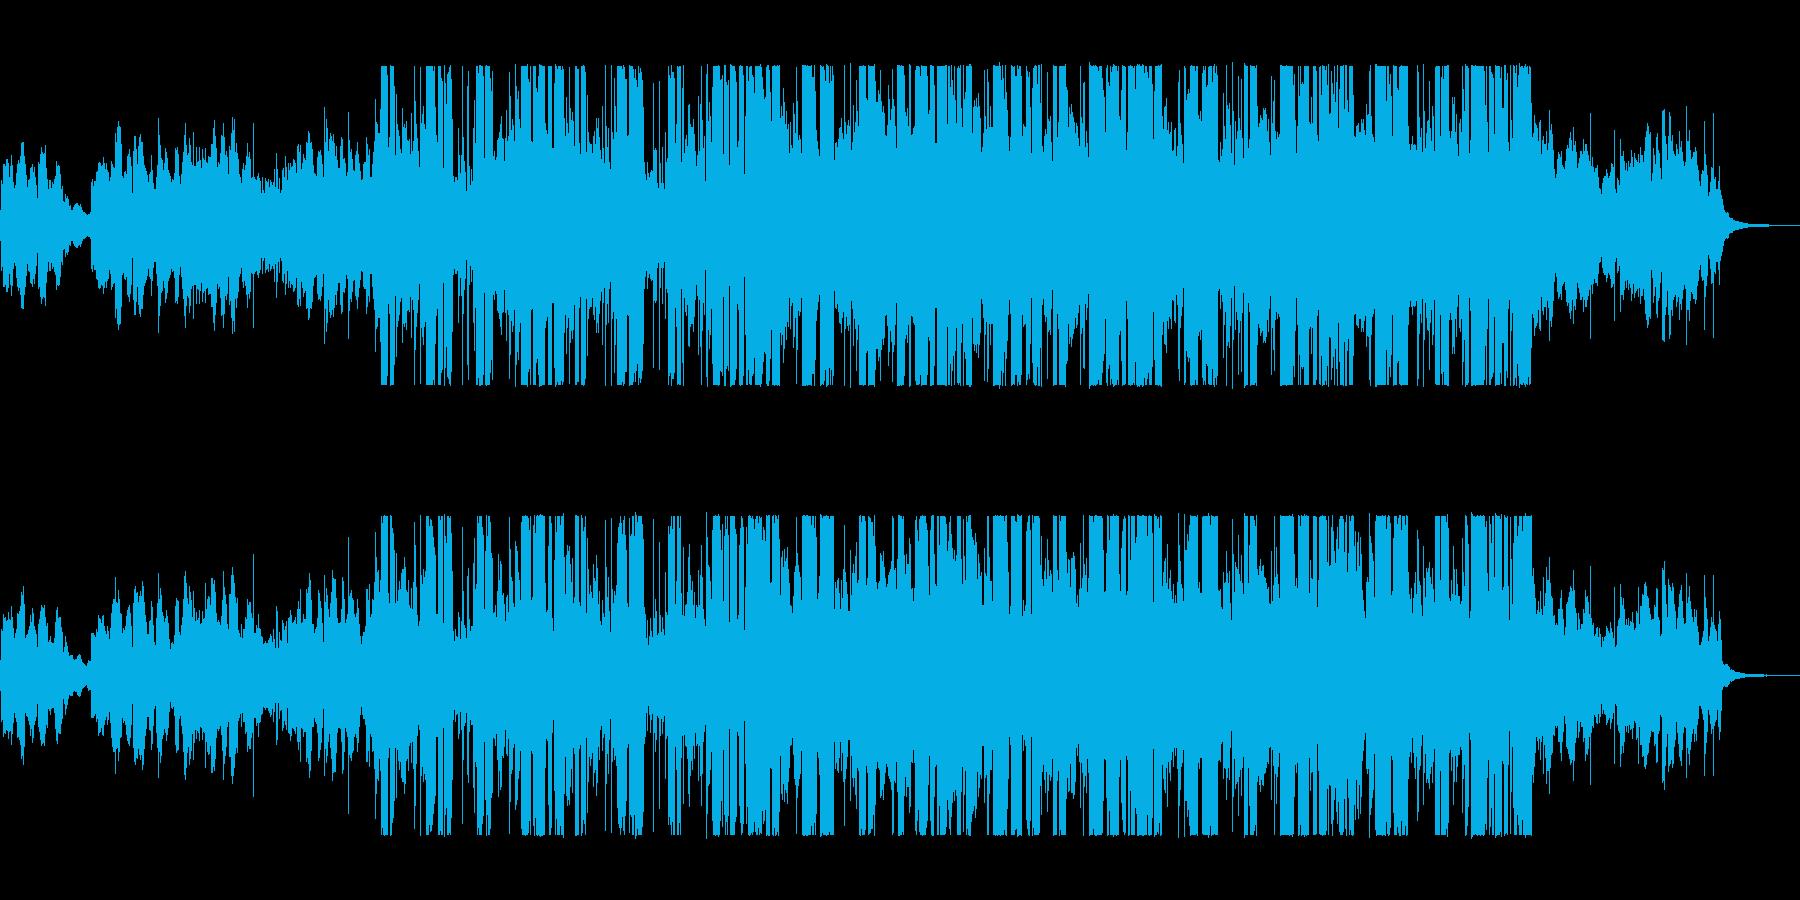 緩やかで穏やかなシンセポップサウンドの再生済みの波形